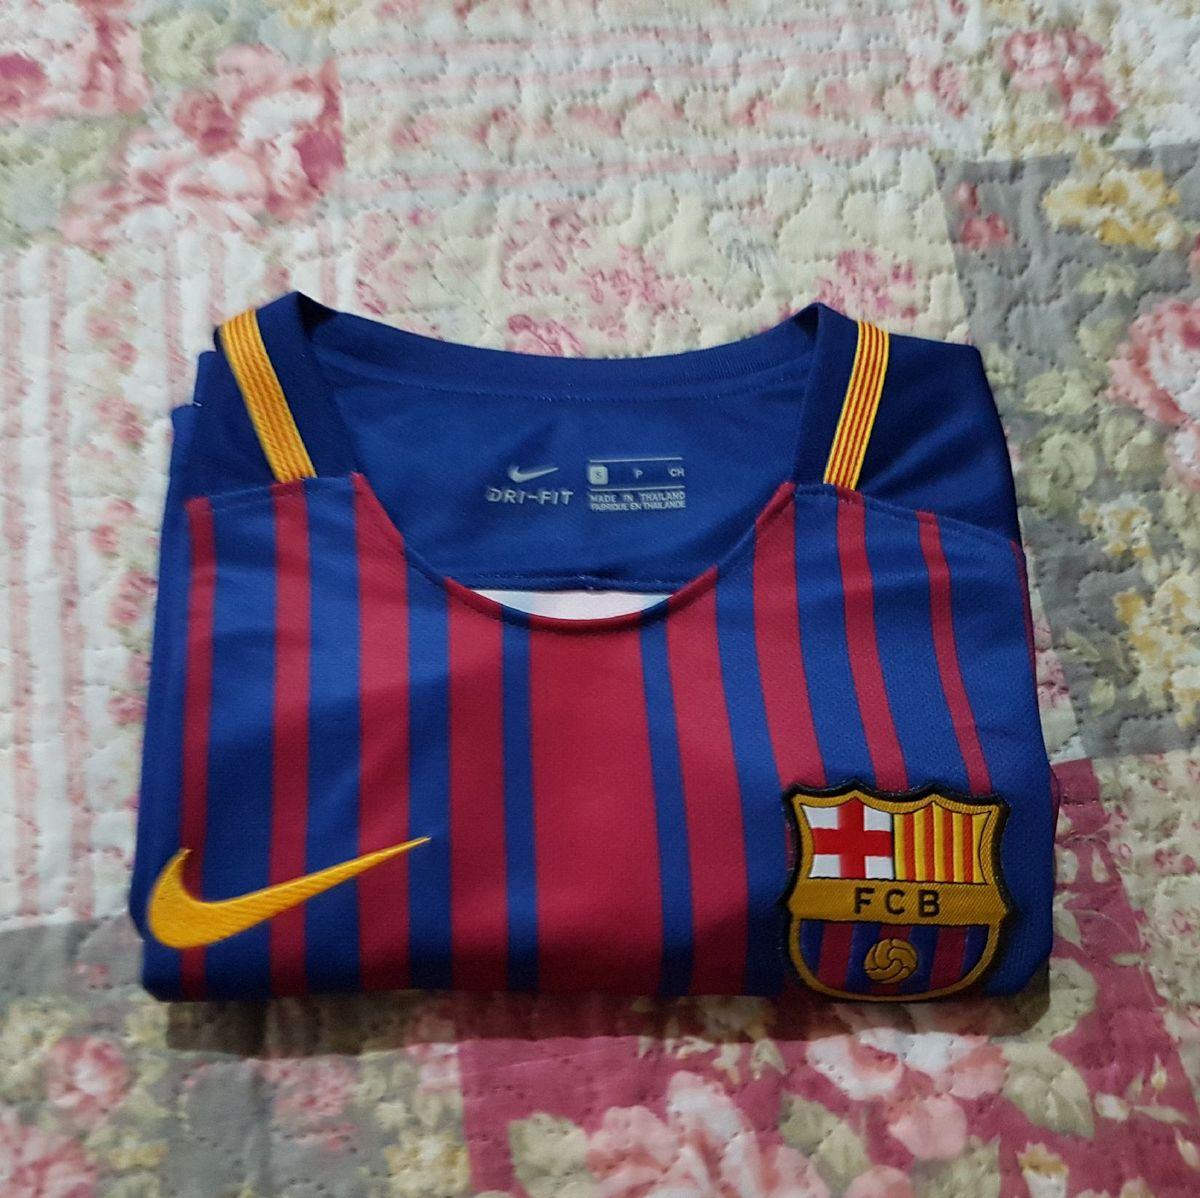 camisa original do barcelona 2017 2018 tamanho p - camisas nike 6eea6e32e6847